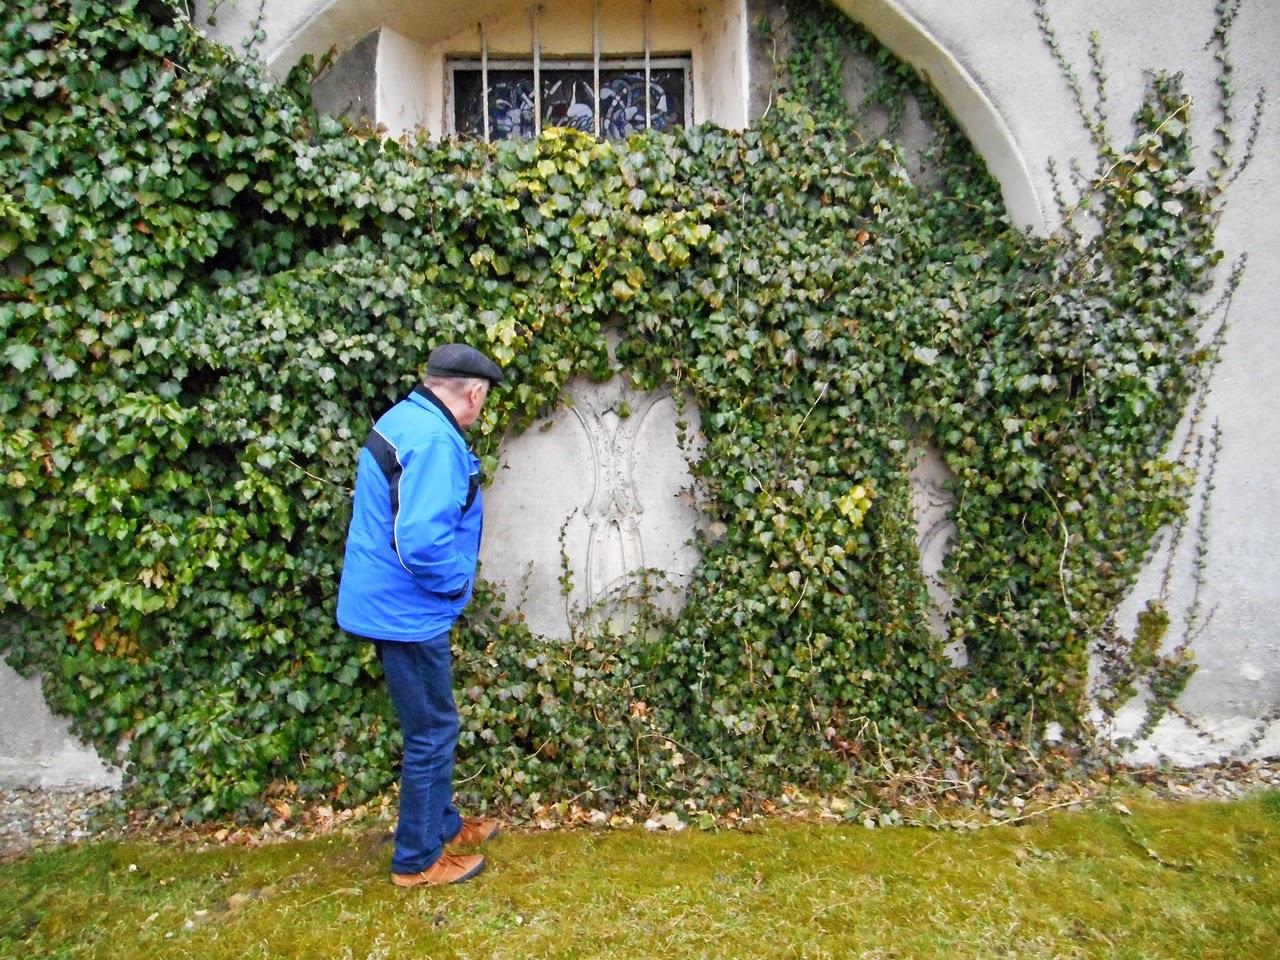 sekrety, kościół, rośliny, odkrywanie tajemnic